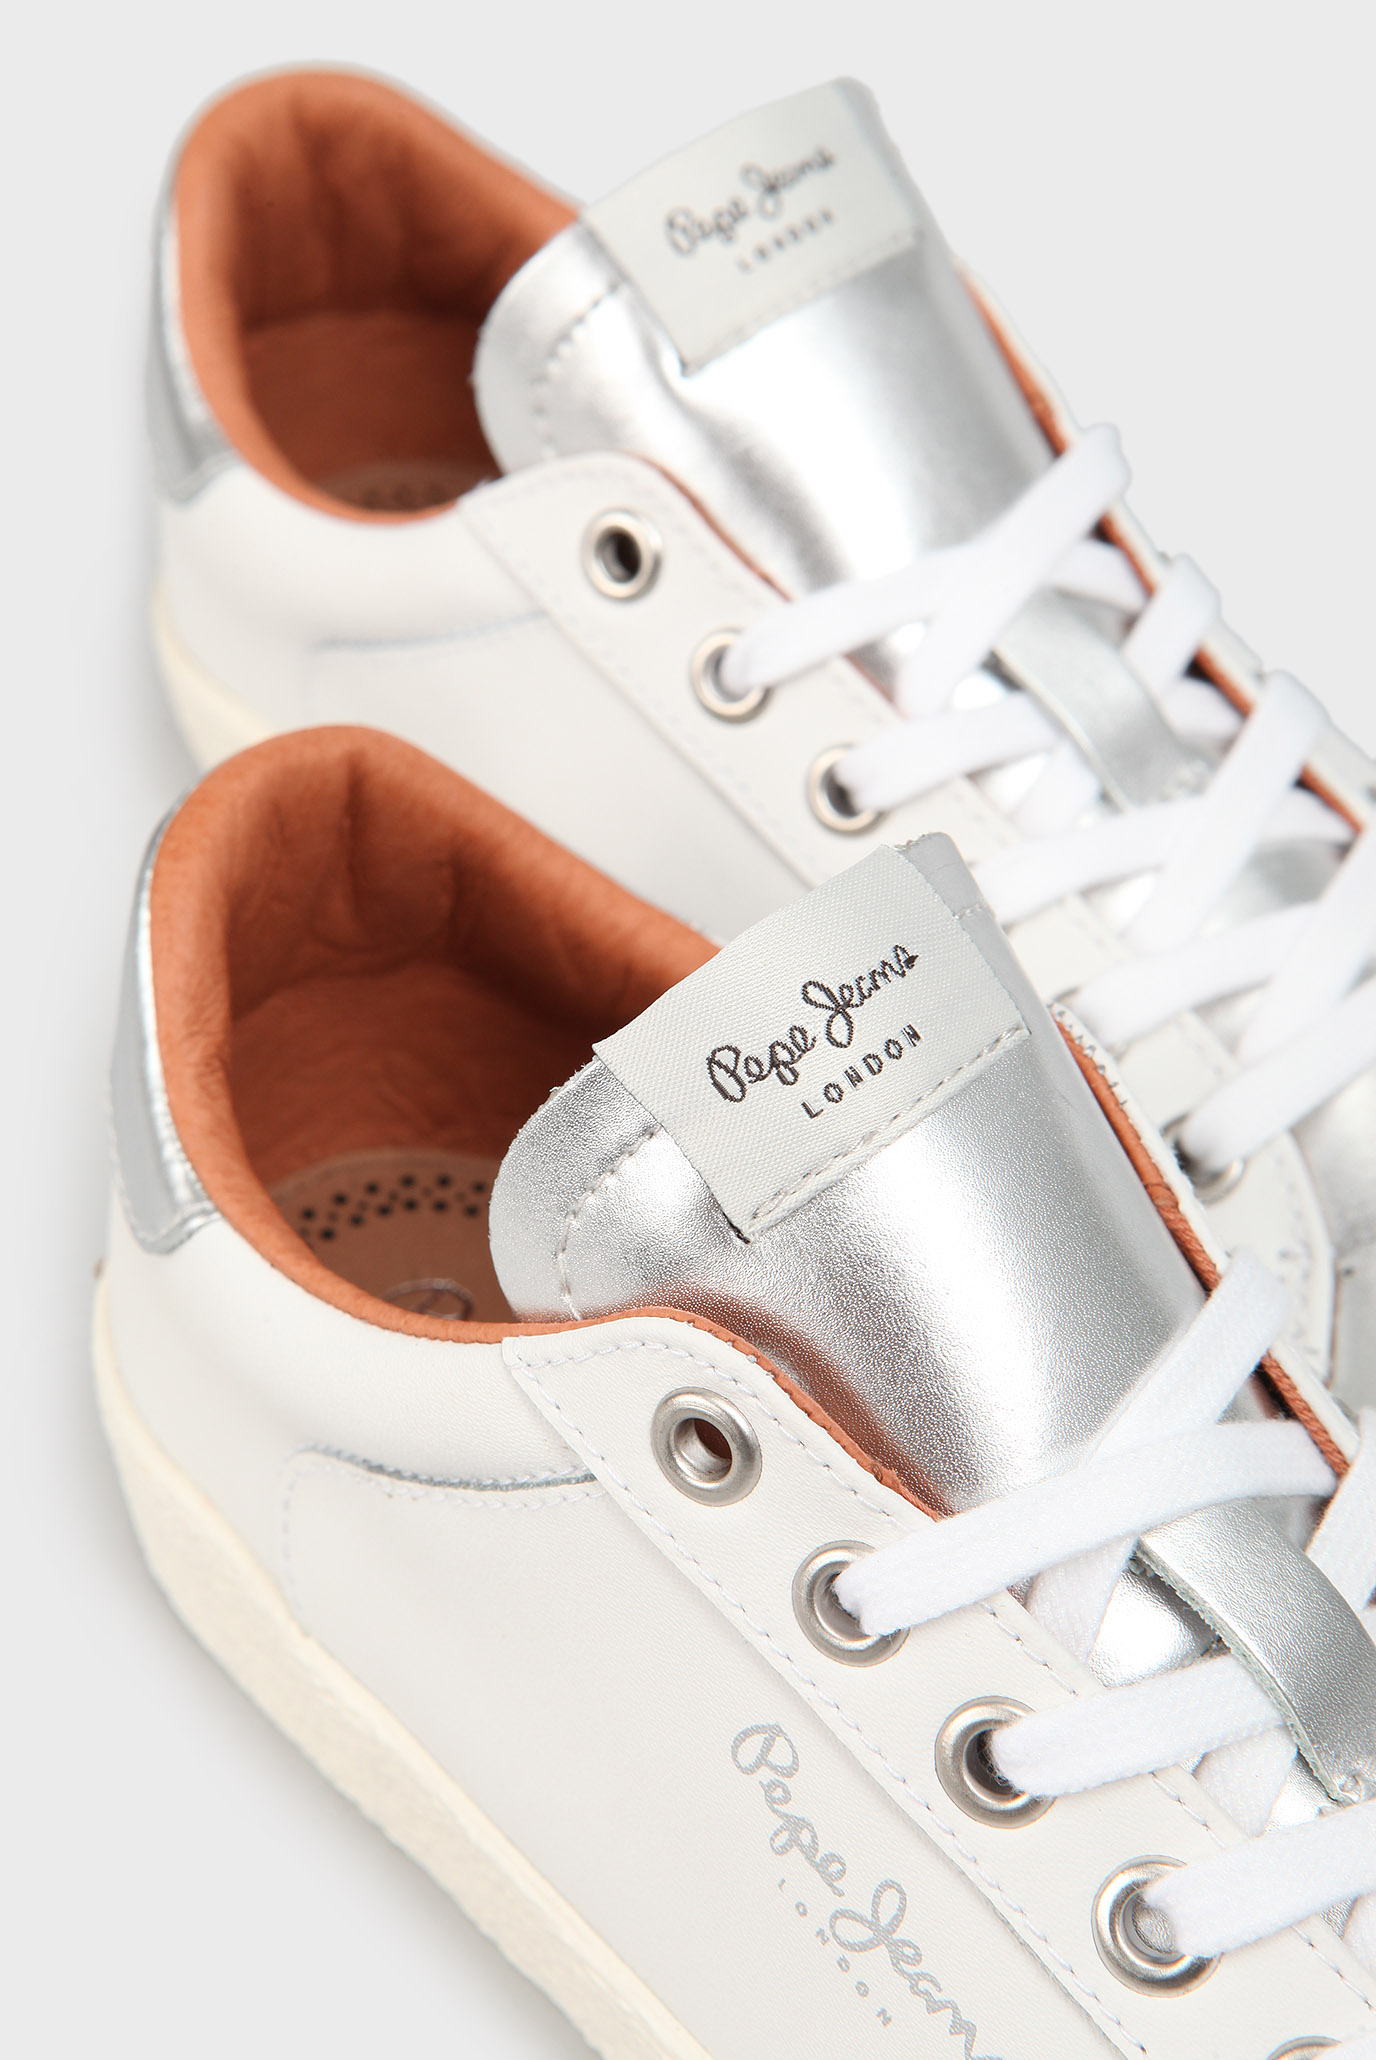 Купить Женские белые кожаные сникеры Pepe Jeans Pepe Jeans PLS30695 – Киев, Украина. Цены в интернет магазине MD Fashion